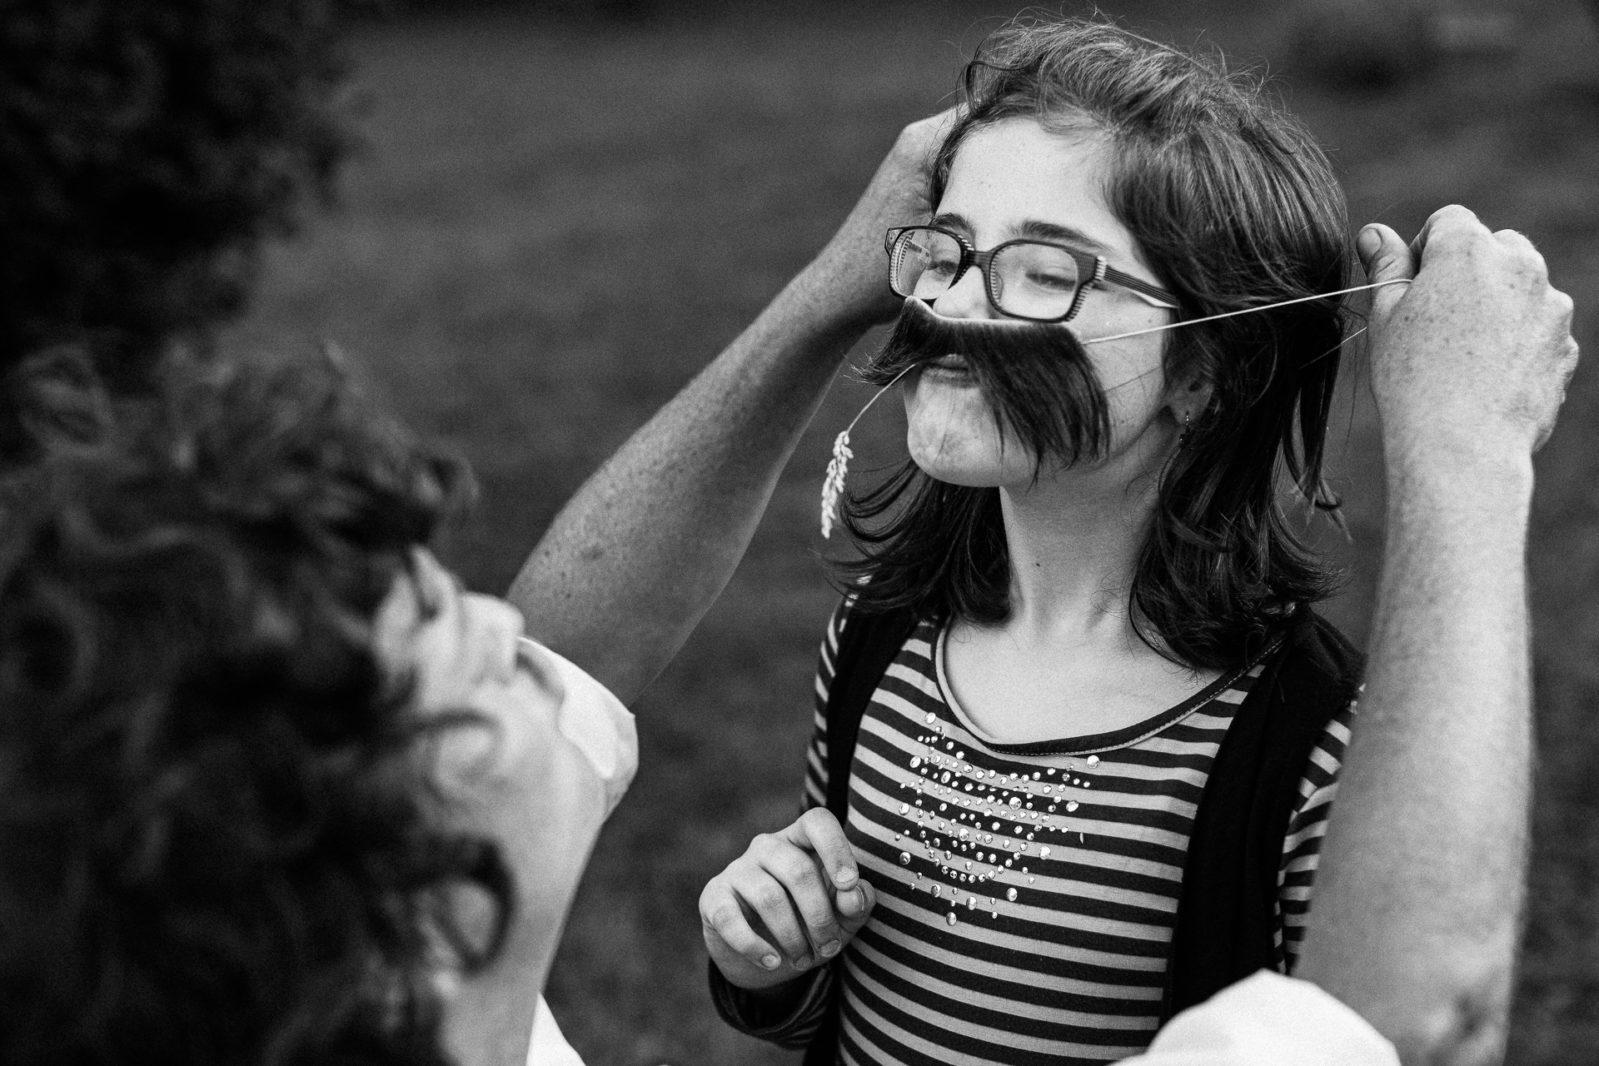 photo d'une enfant avec une fausse moustache Ernestine et sa famille photographe de mariage à l'approche reportageErnestine et sa famille photographe de mariage à l'approche reportage